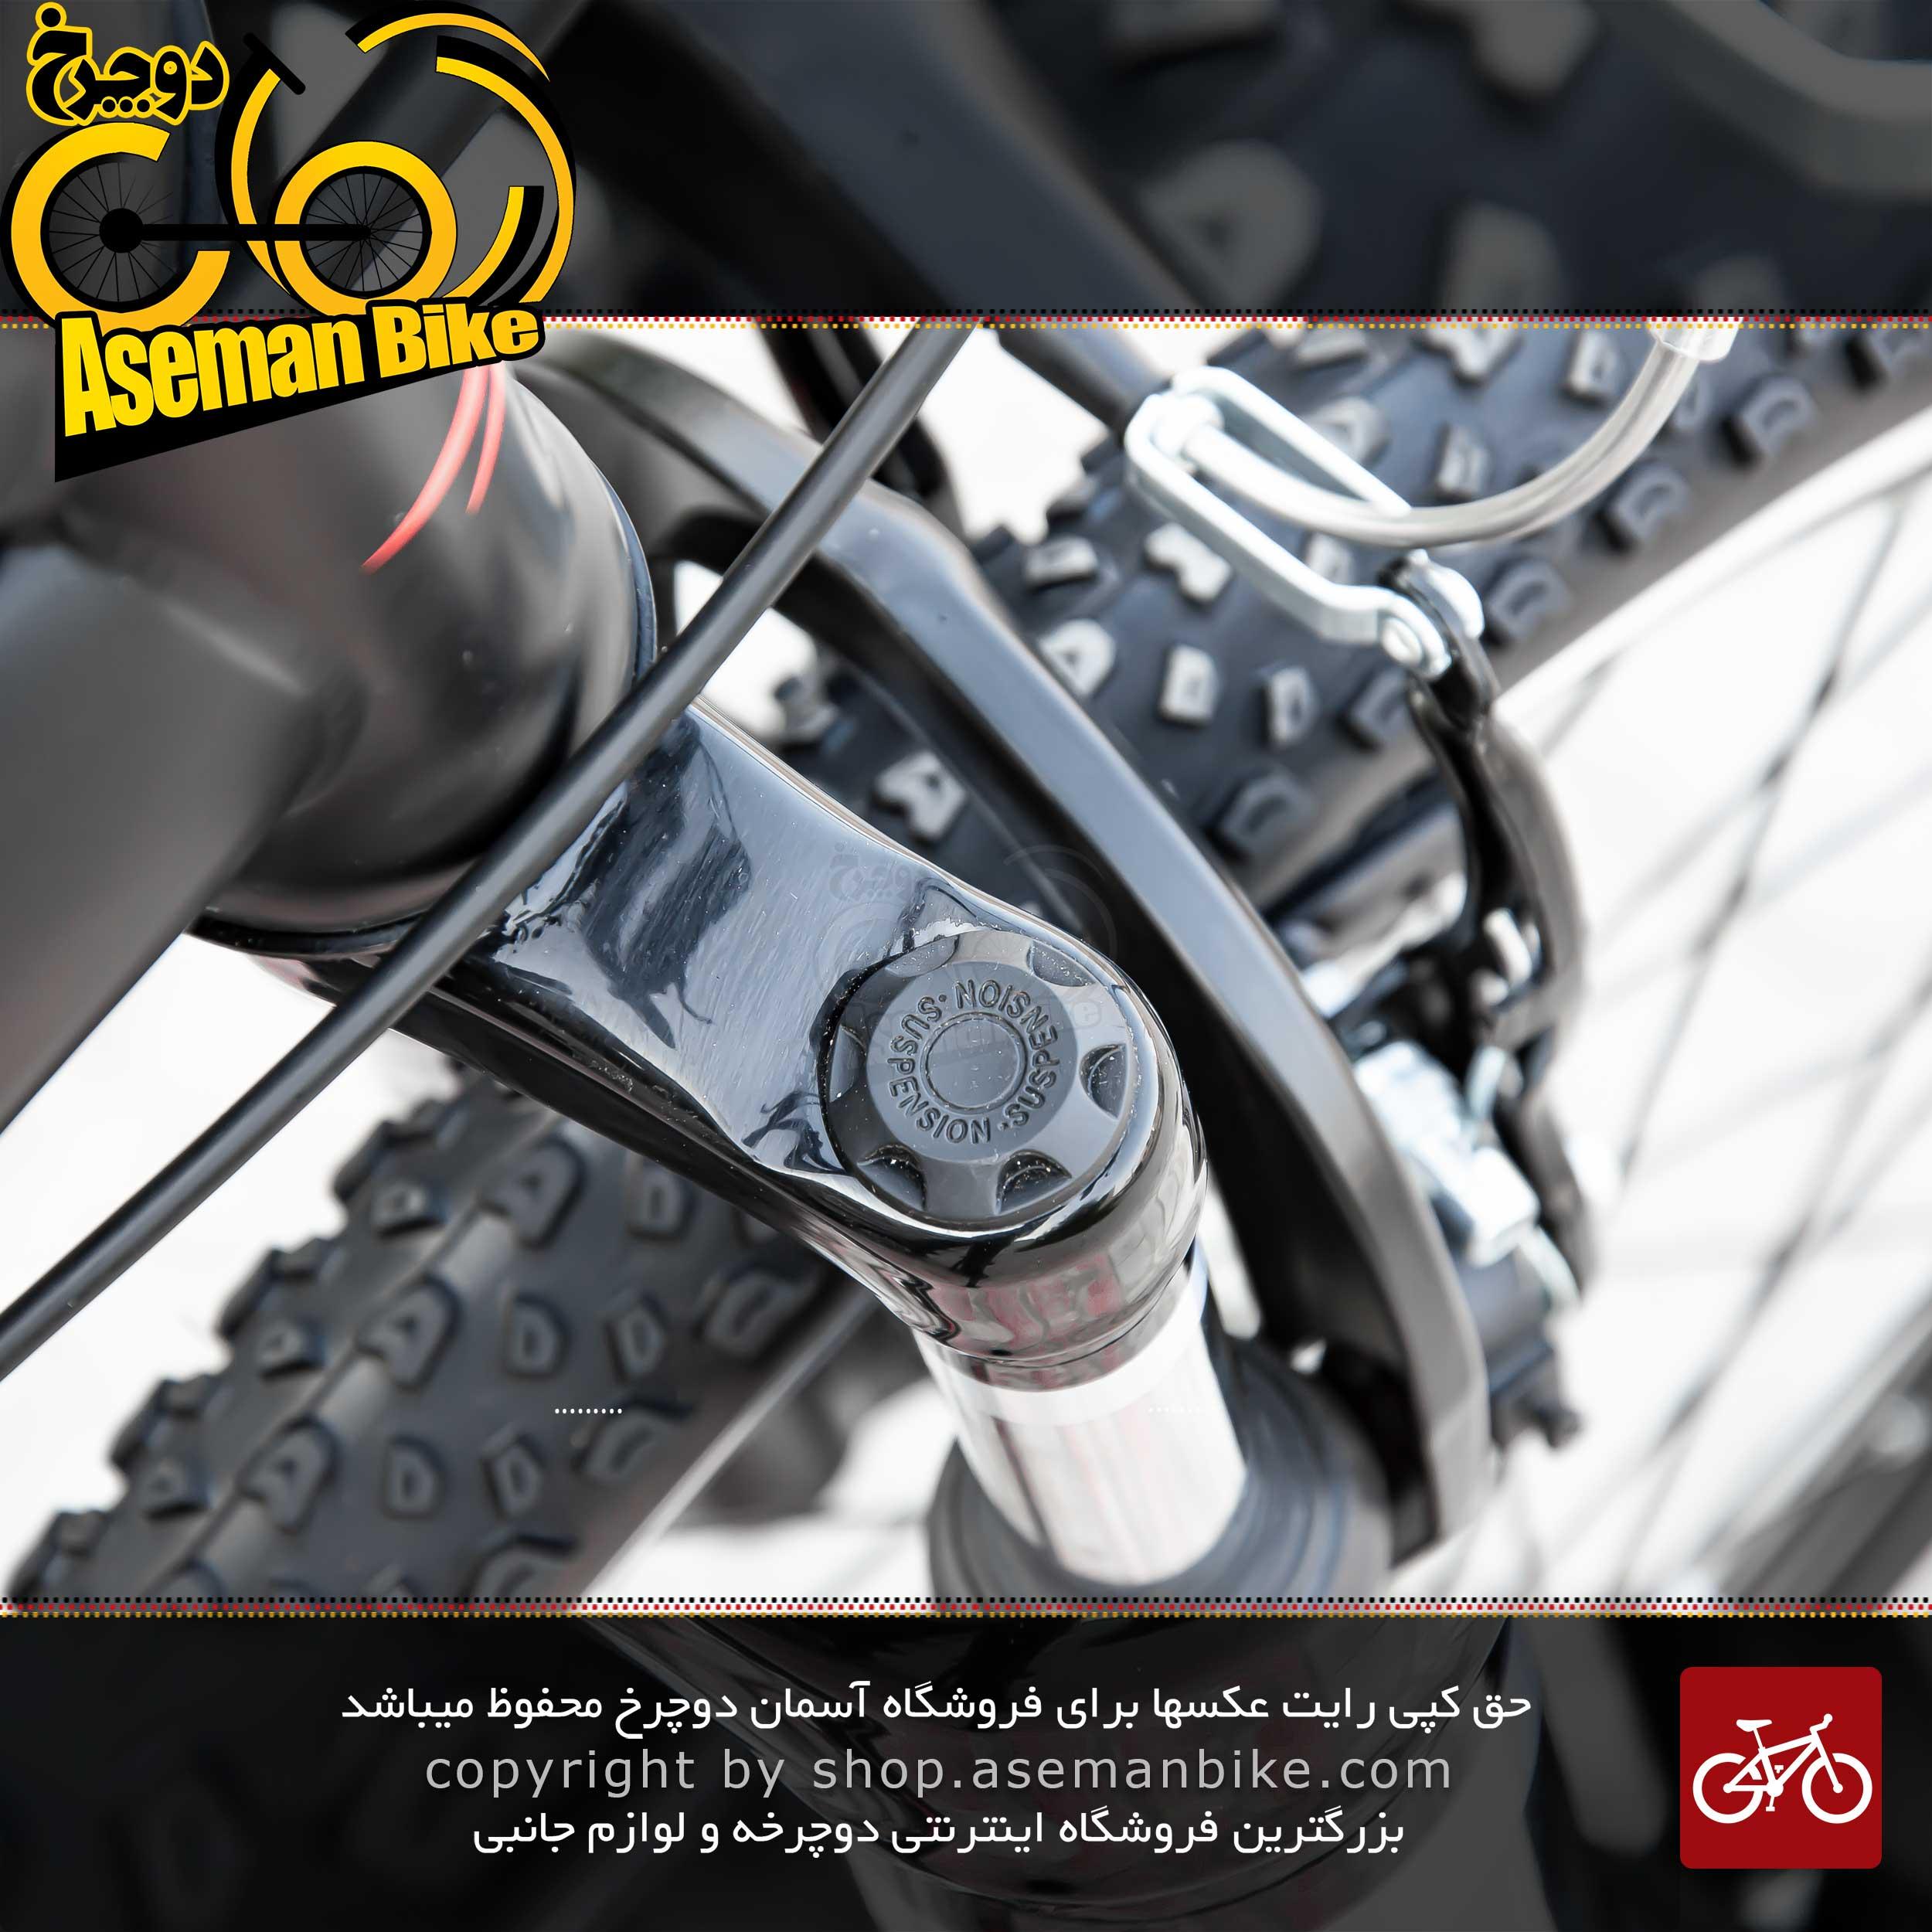 دوچرخه-ماکان-مدل-راک-سایز-20-Bicycle-MACAN-ROCK-Size-20